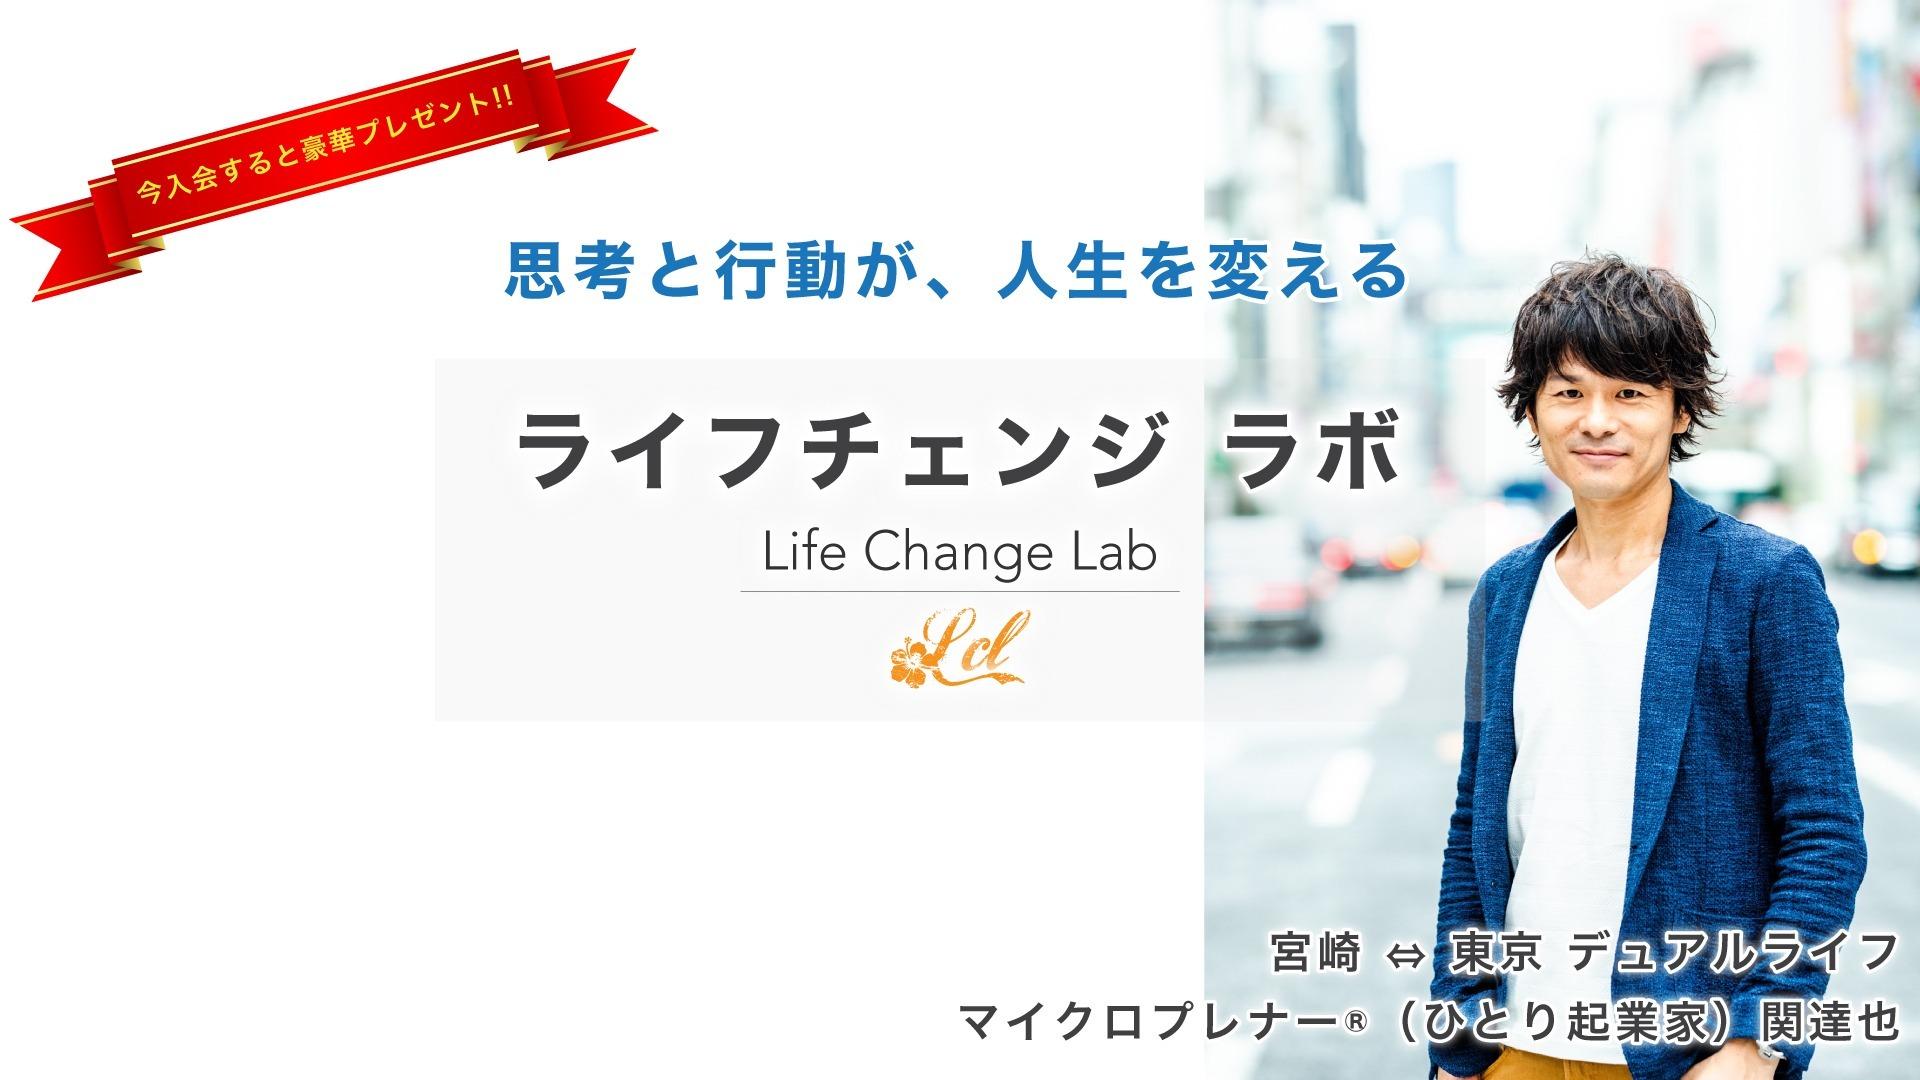 関達也 - 関達也ライフチェンジラボ【10名限定募集】 - DMM オンラインサロン